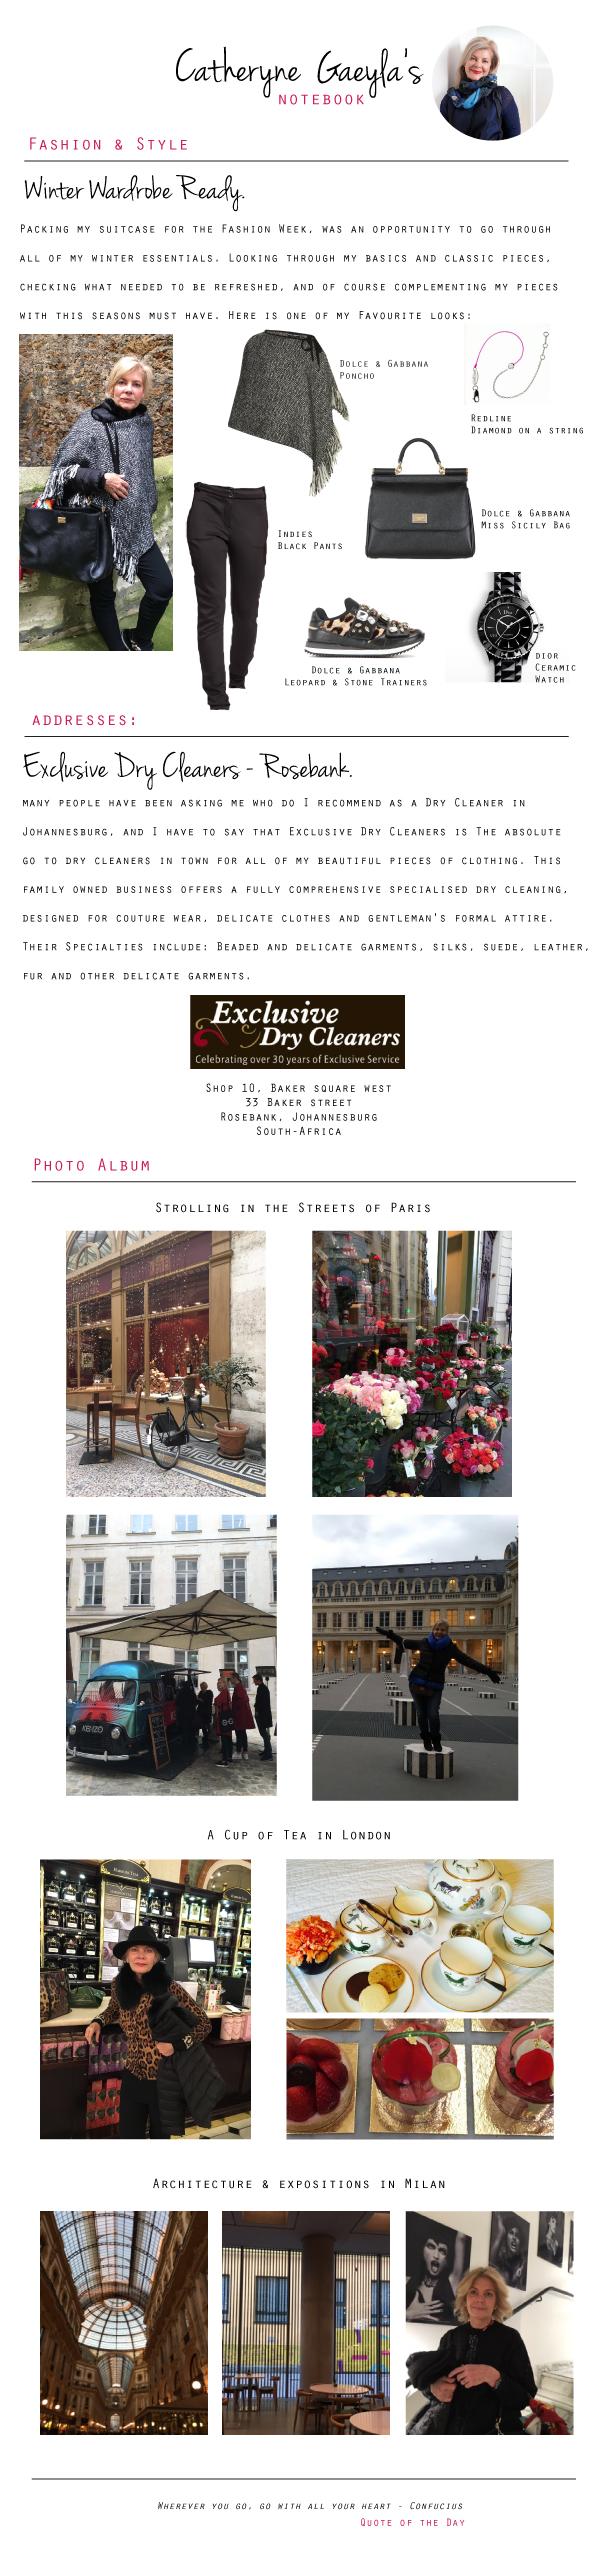 Newsletter-1-FEB-16